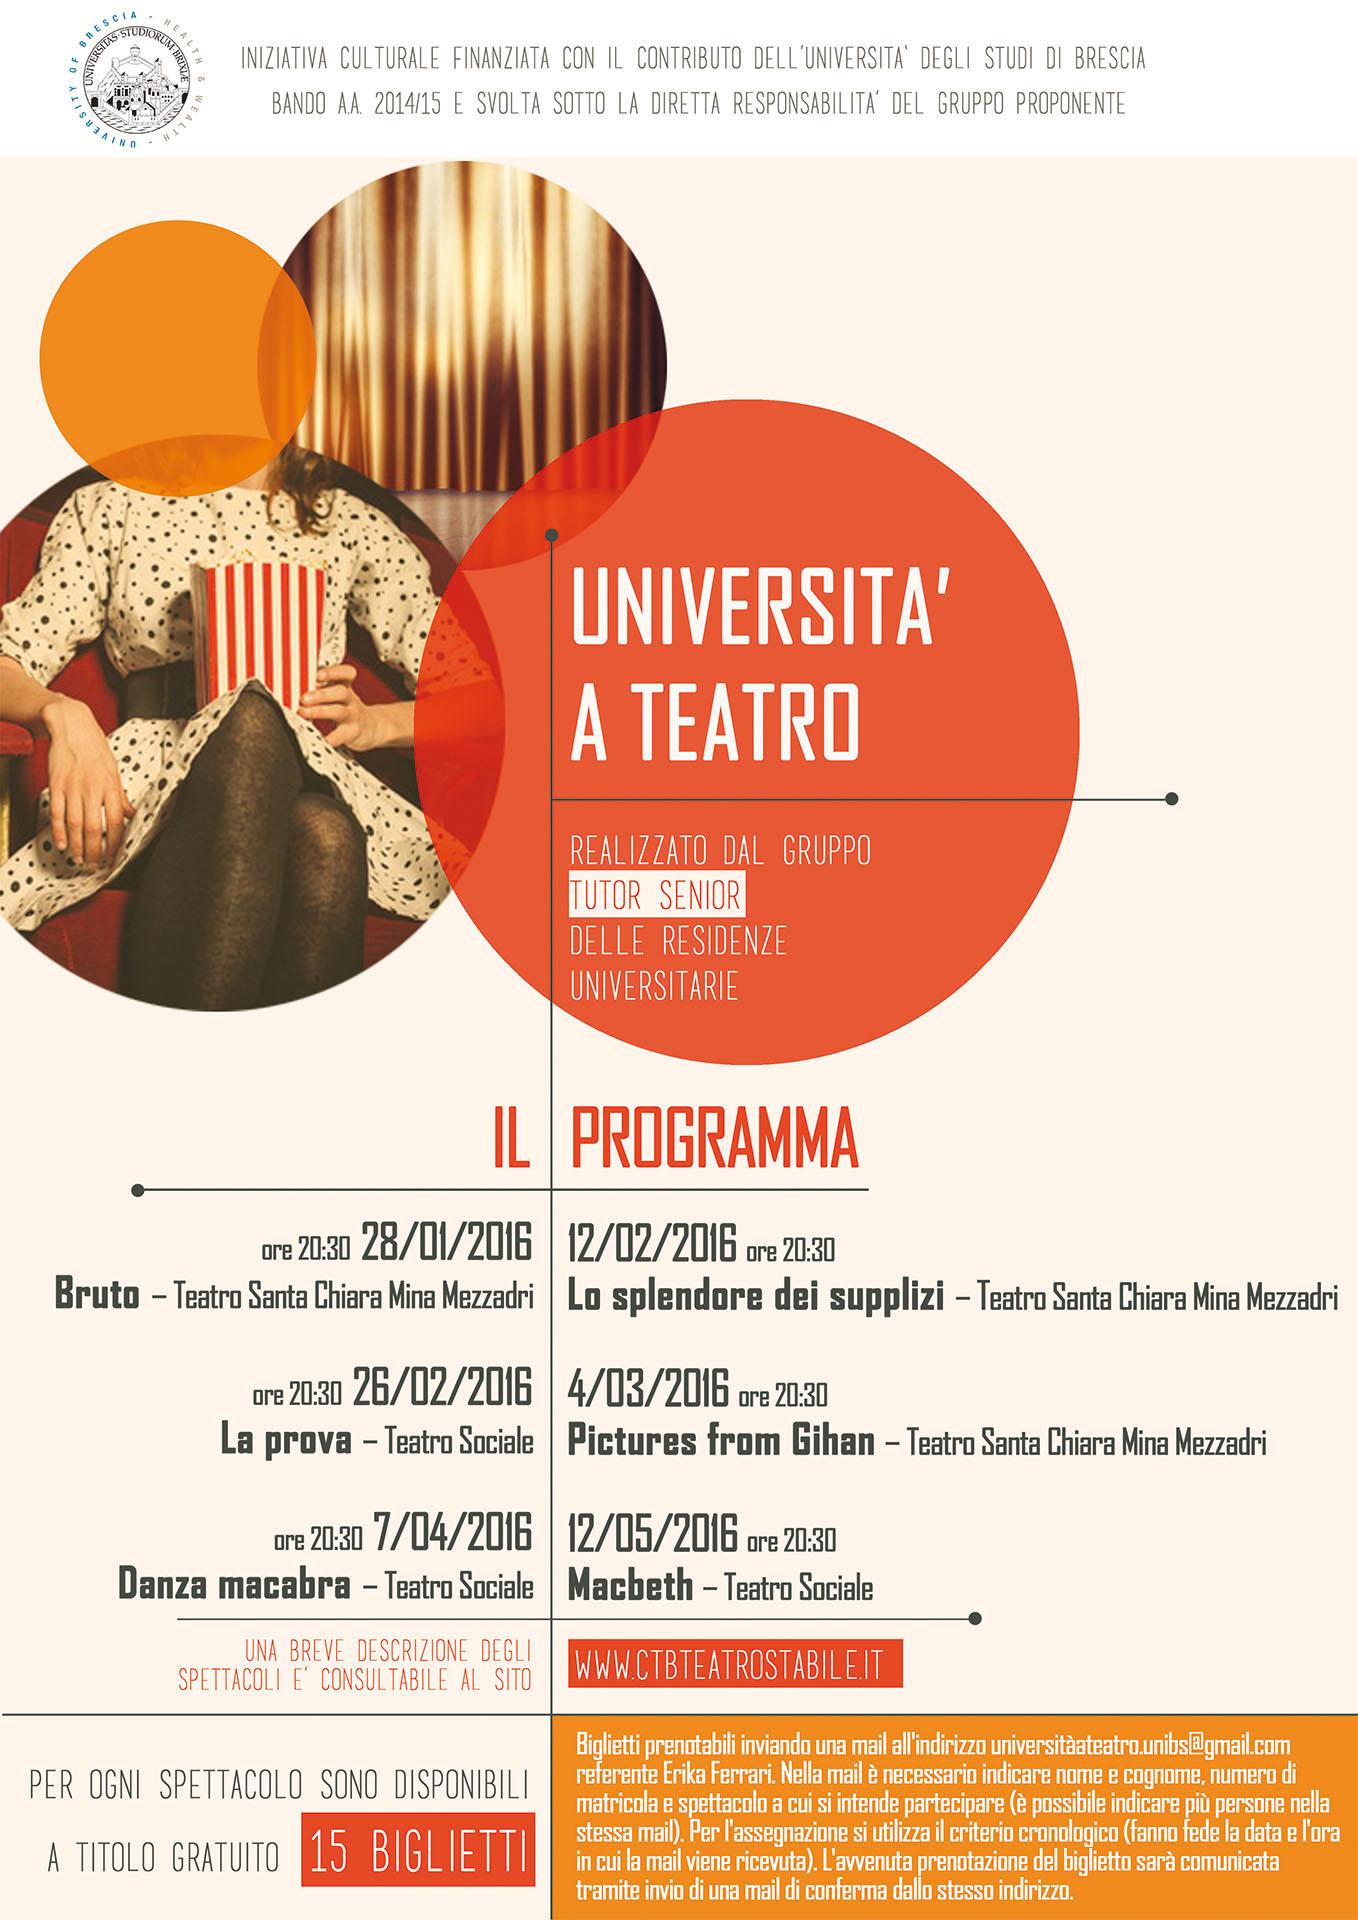 grafica-locandina-teatro-universita-degli-studi-di-brescia-contessifostinelli